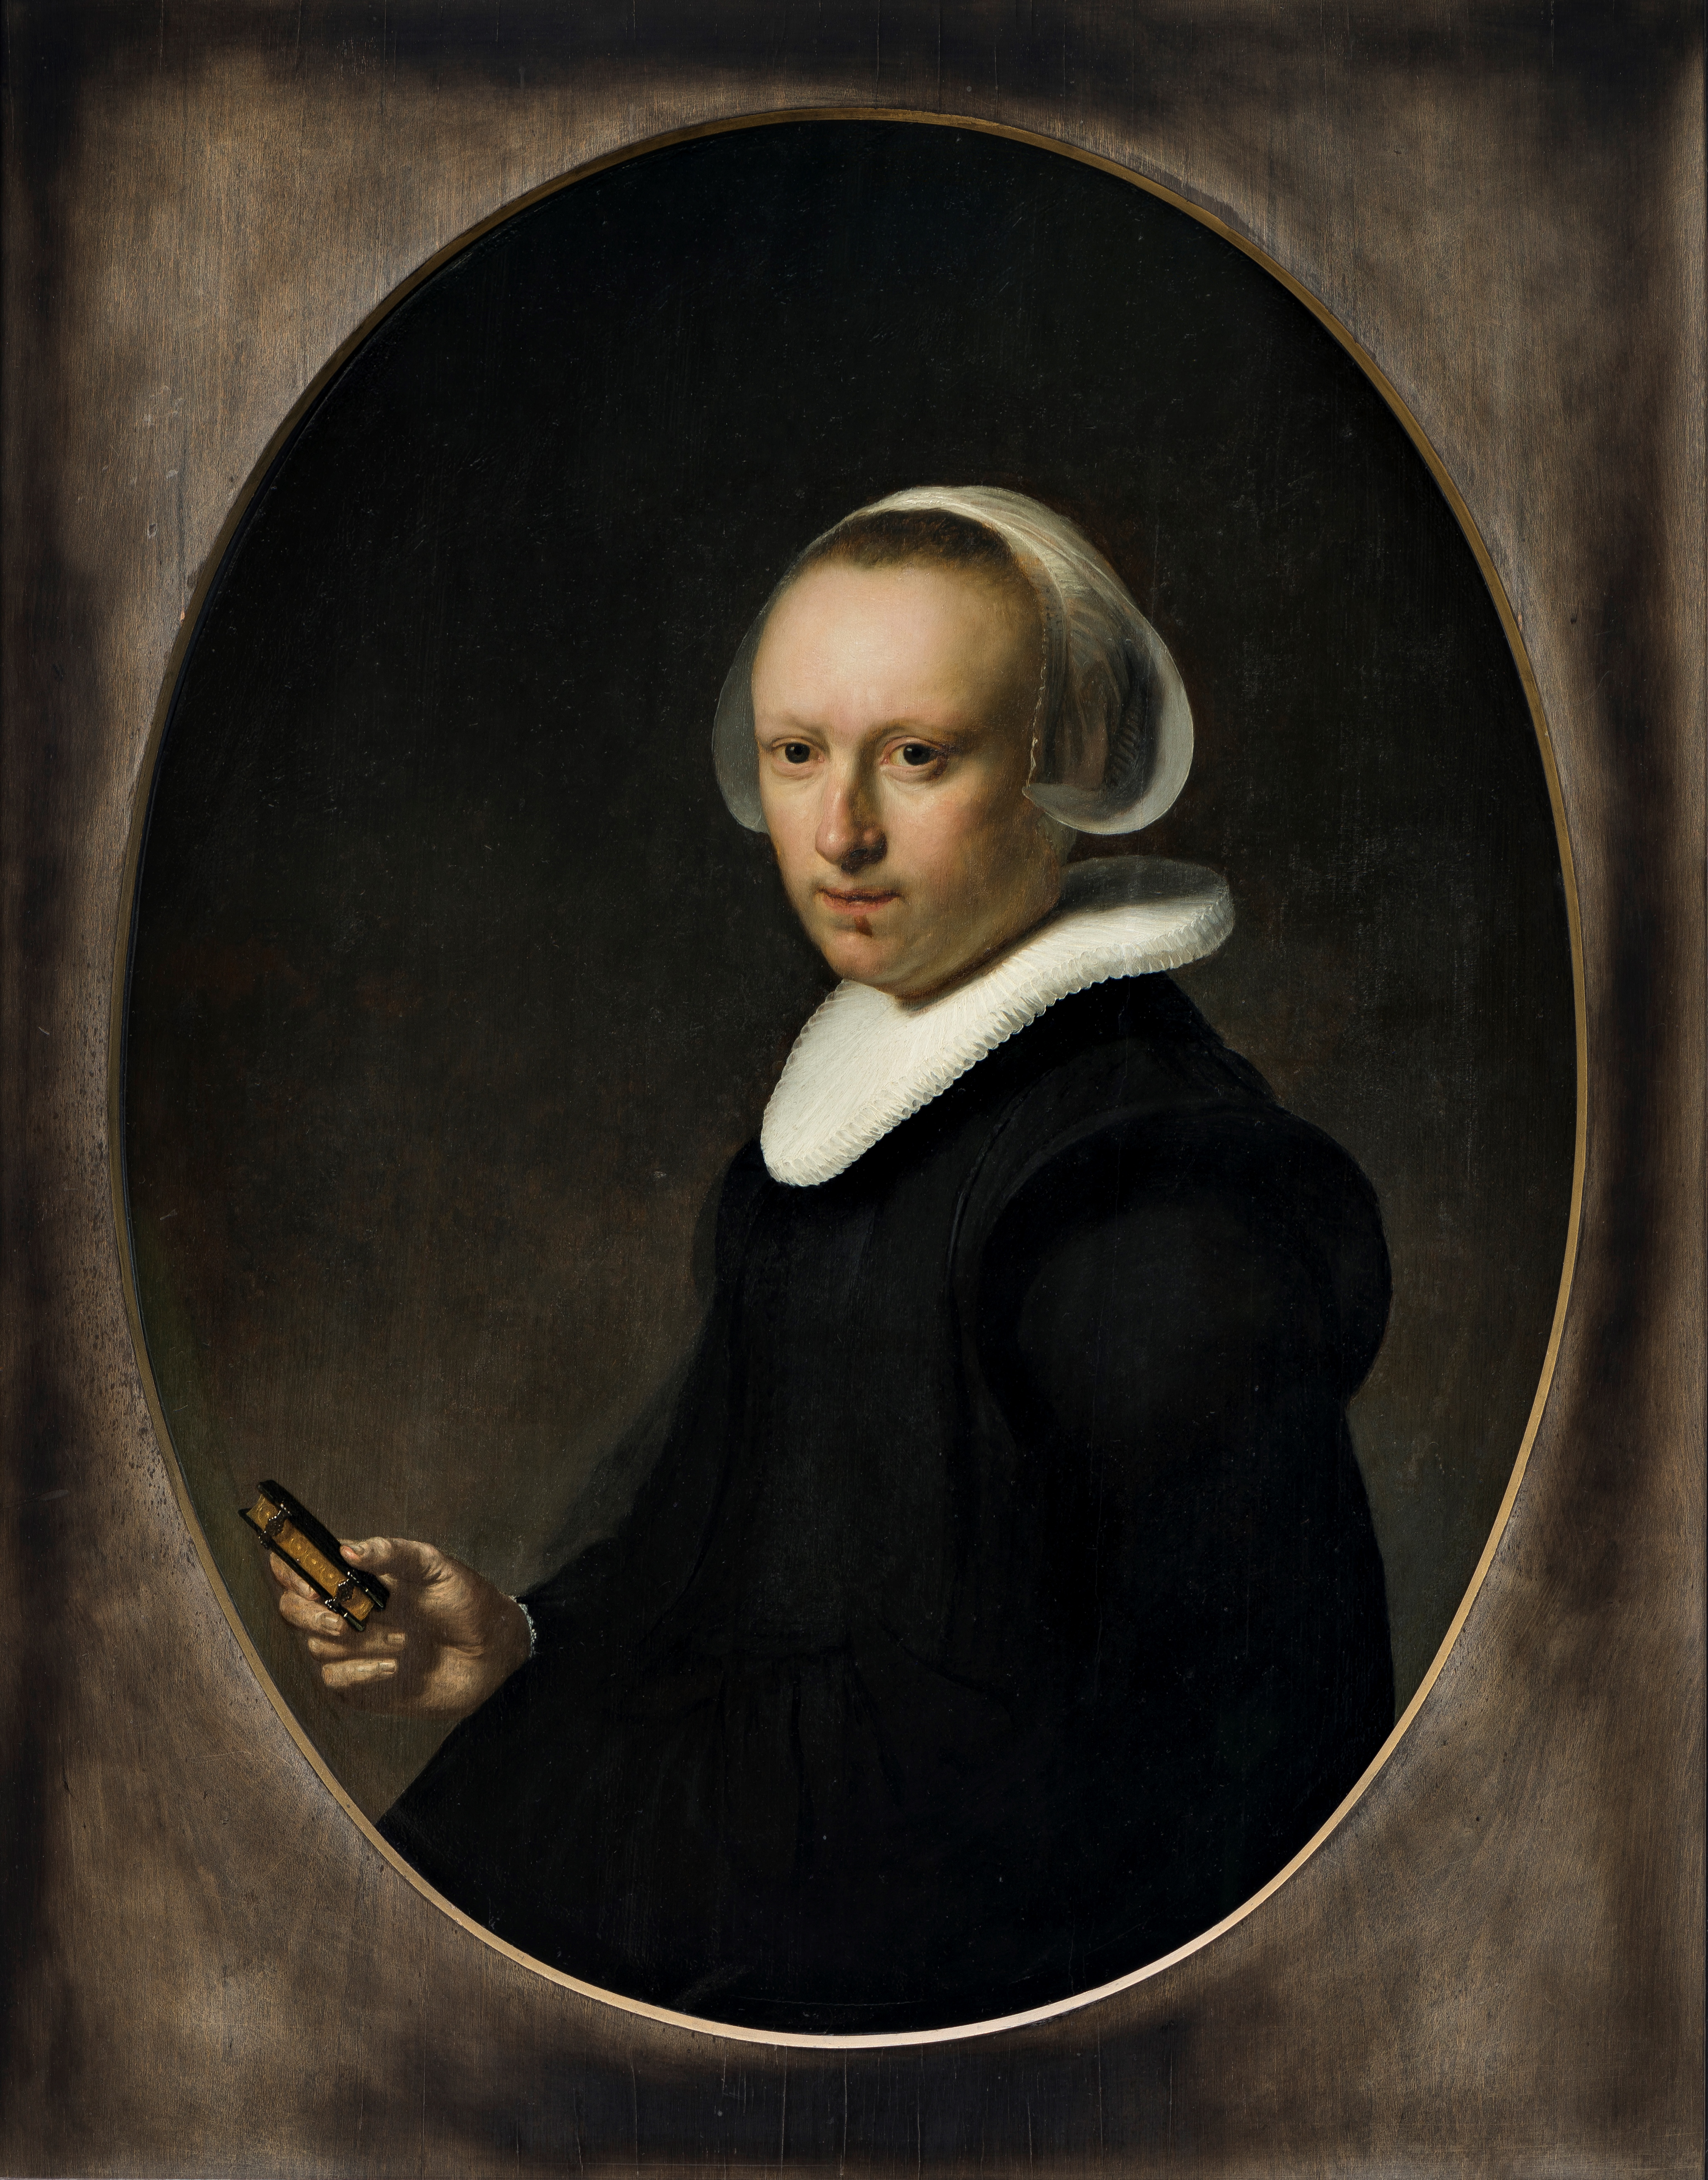 Maleri af Rembrandt Harmensz van Rijn, Portræt af en 39-årig kvinde, 1632. Nivaagaards Malerisamling.